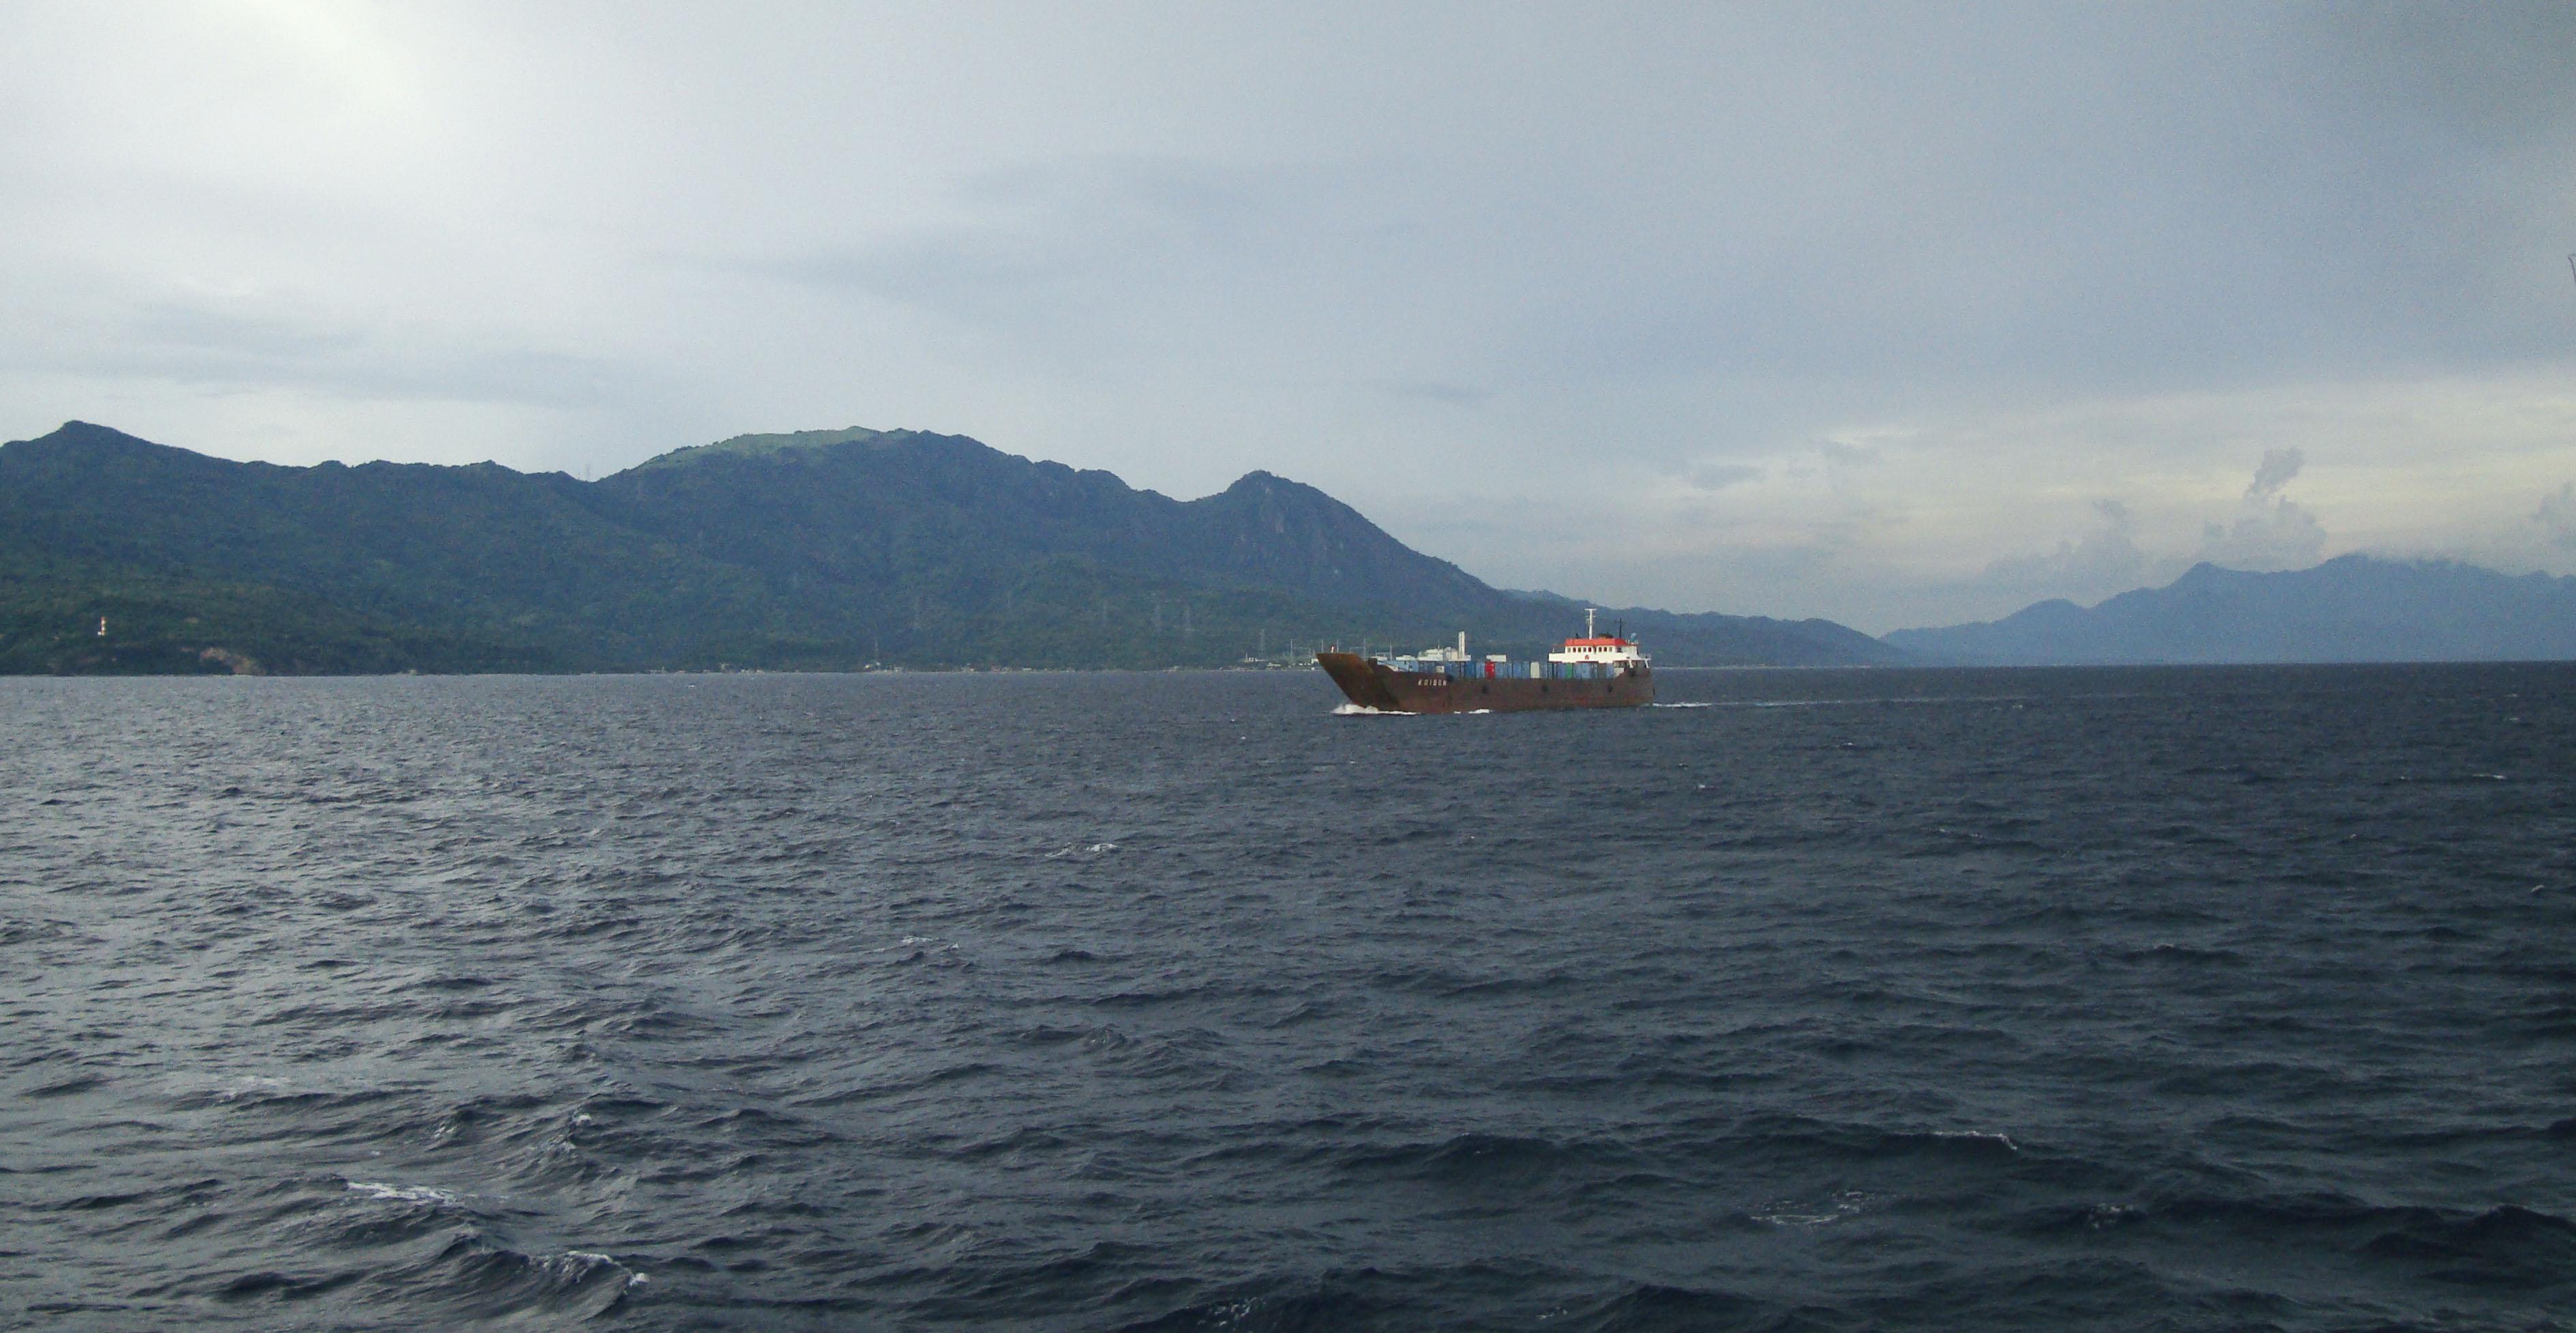 MV Edison barge Batangas Philippines 2010 02